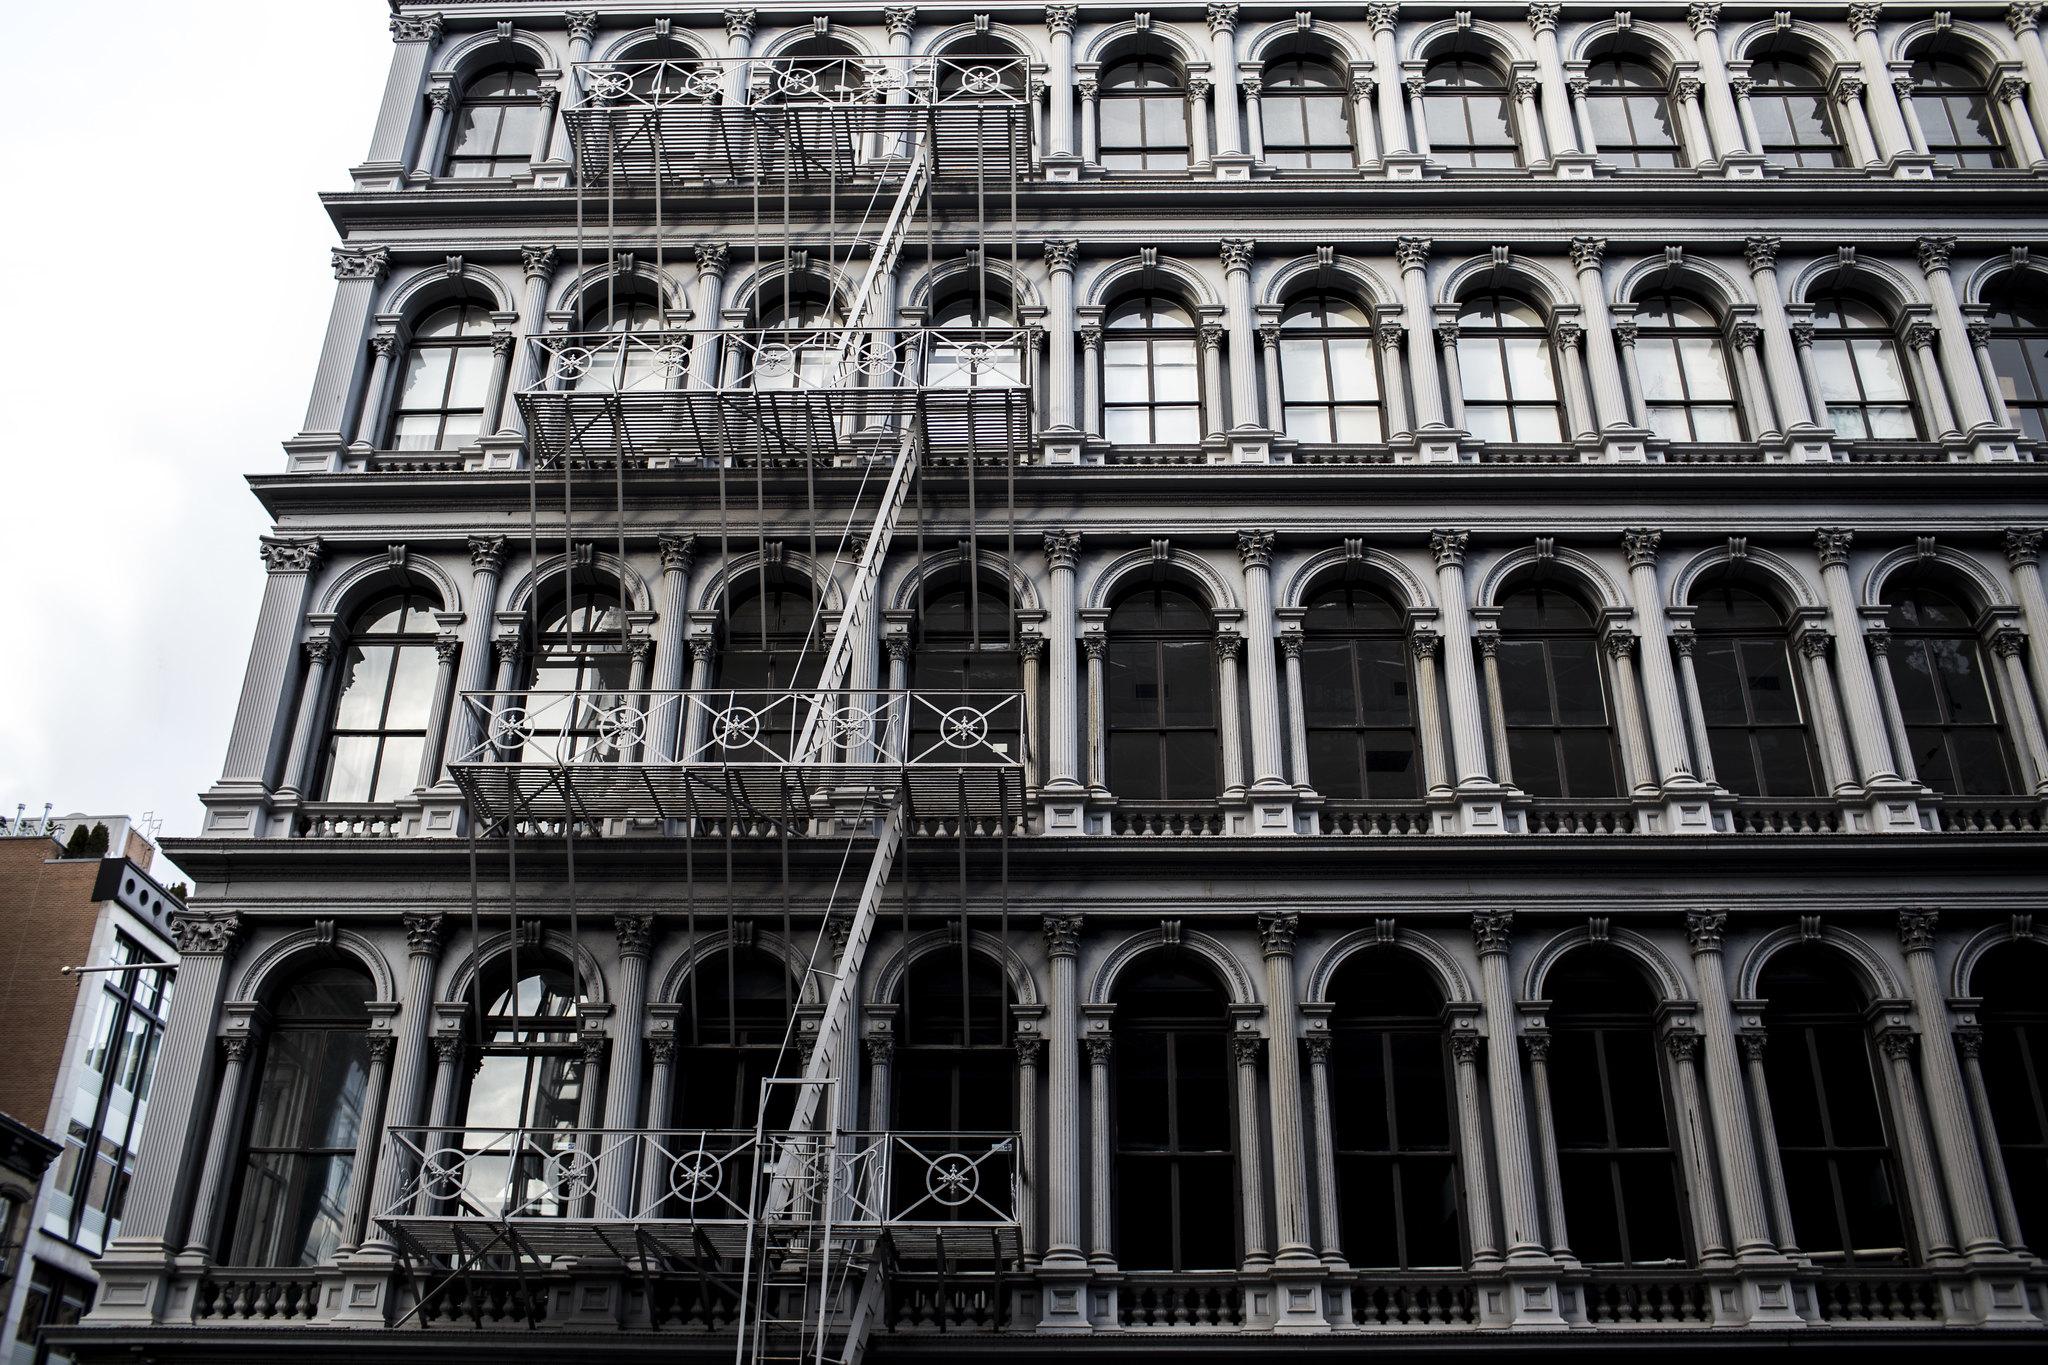 Jordan_Bunker_mr_porter_new_york_10